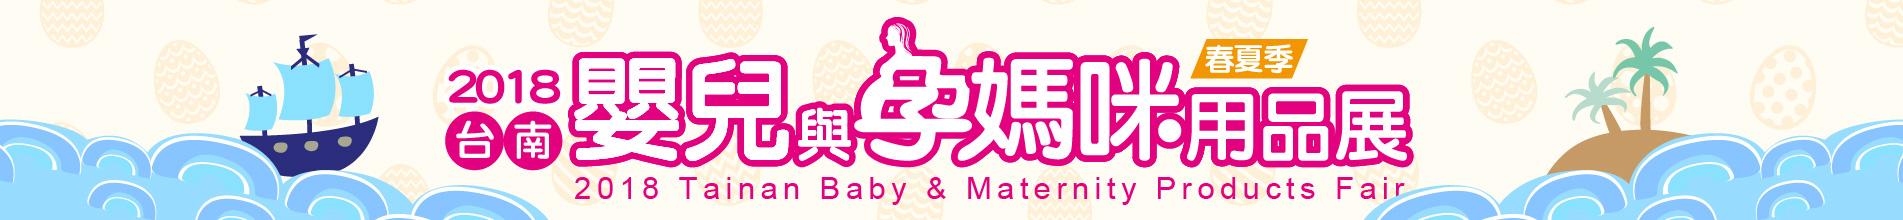 2018台南嬰兒與孕媽咪用品展暨兒童博覽會(春夏季)